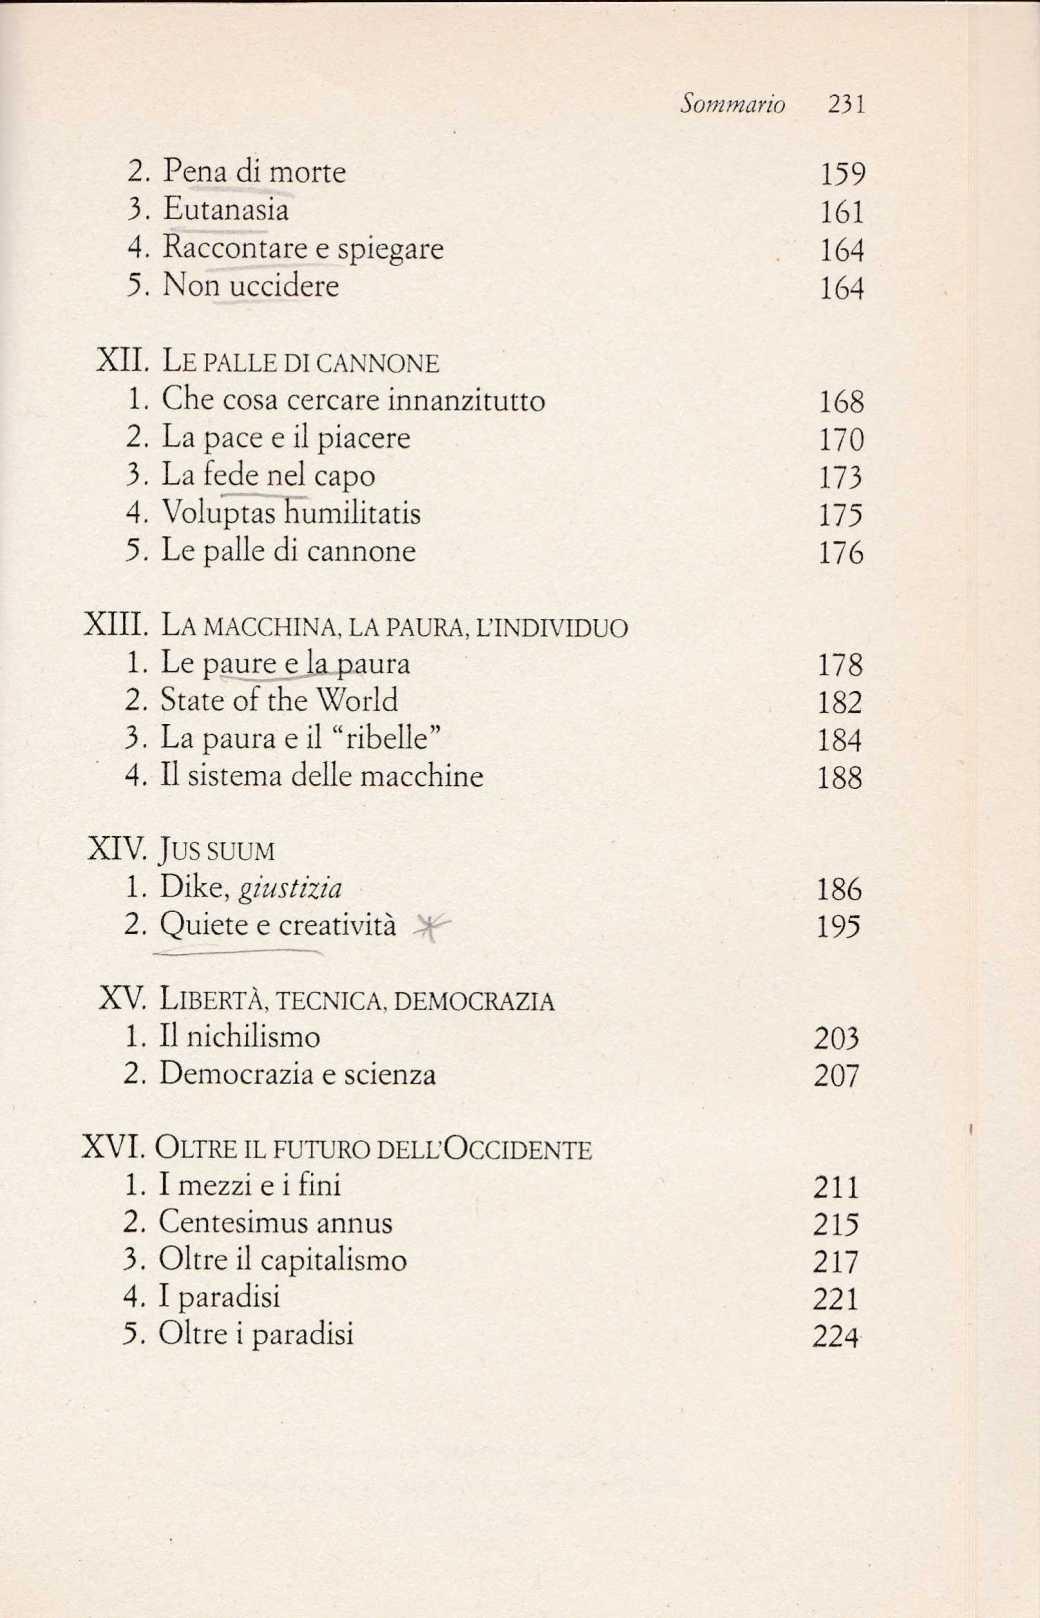 bilancia4423